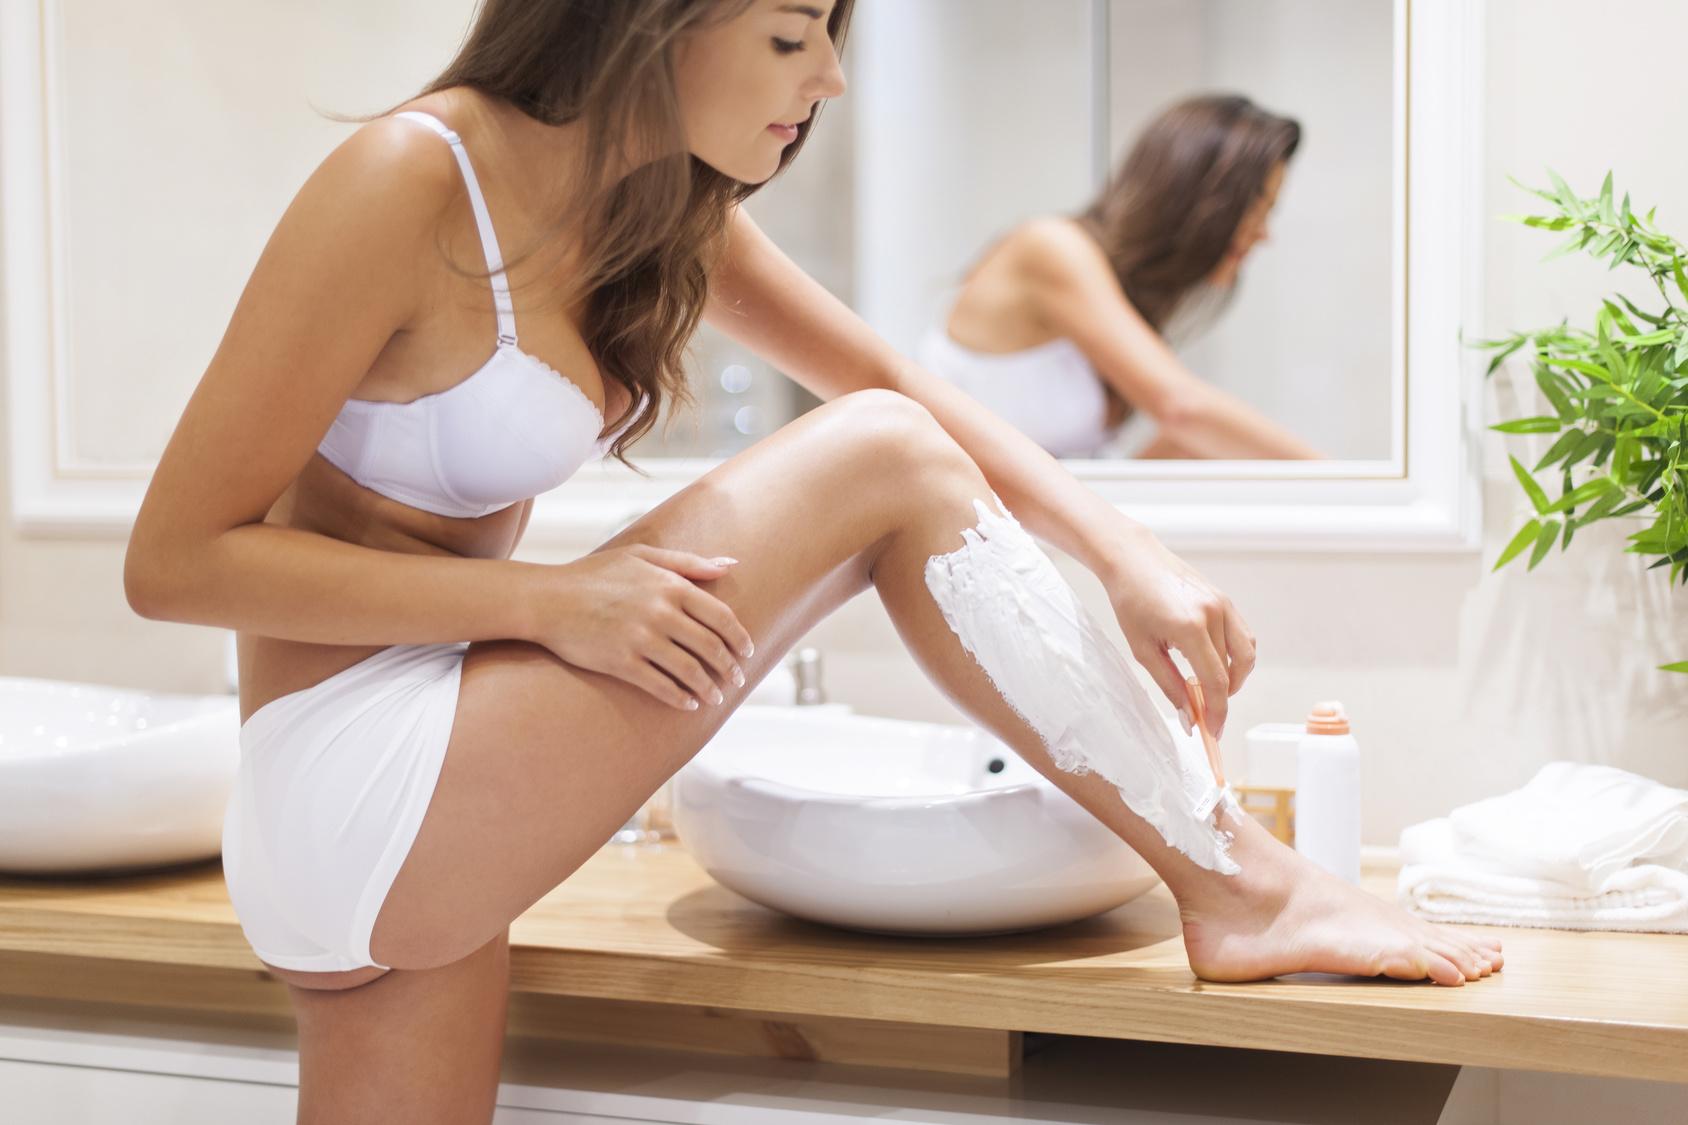 skuteczne metody depilacji nóg